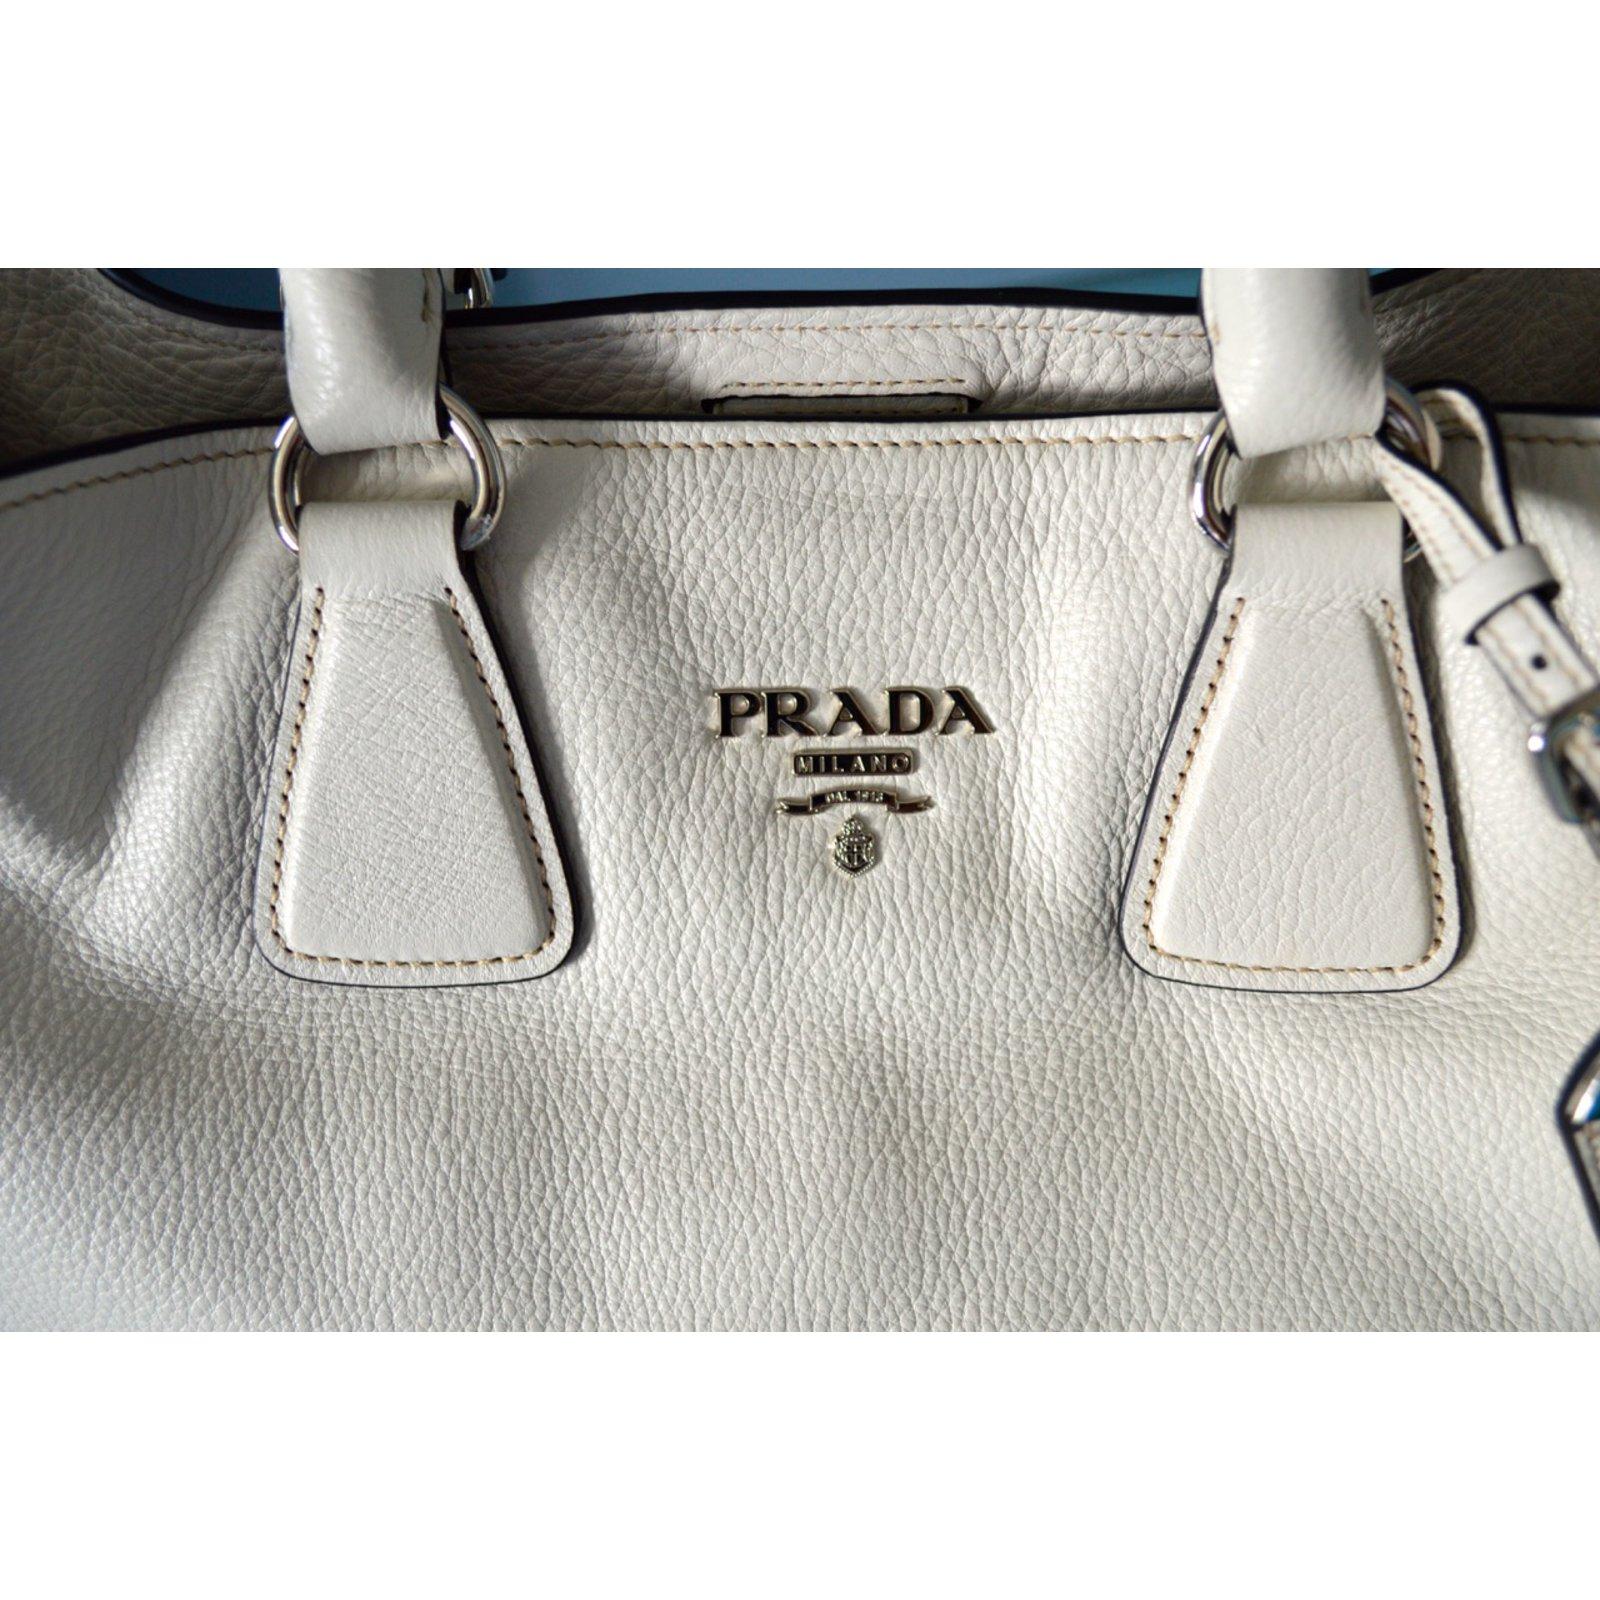 ... Joli Closet cheap for  Prada Prada vitello phenix talco textured  leather shopping tote bag bn2419 original Handbags Leather White ref  Prada  nylon ... 6e573c9cb9